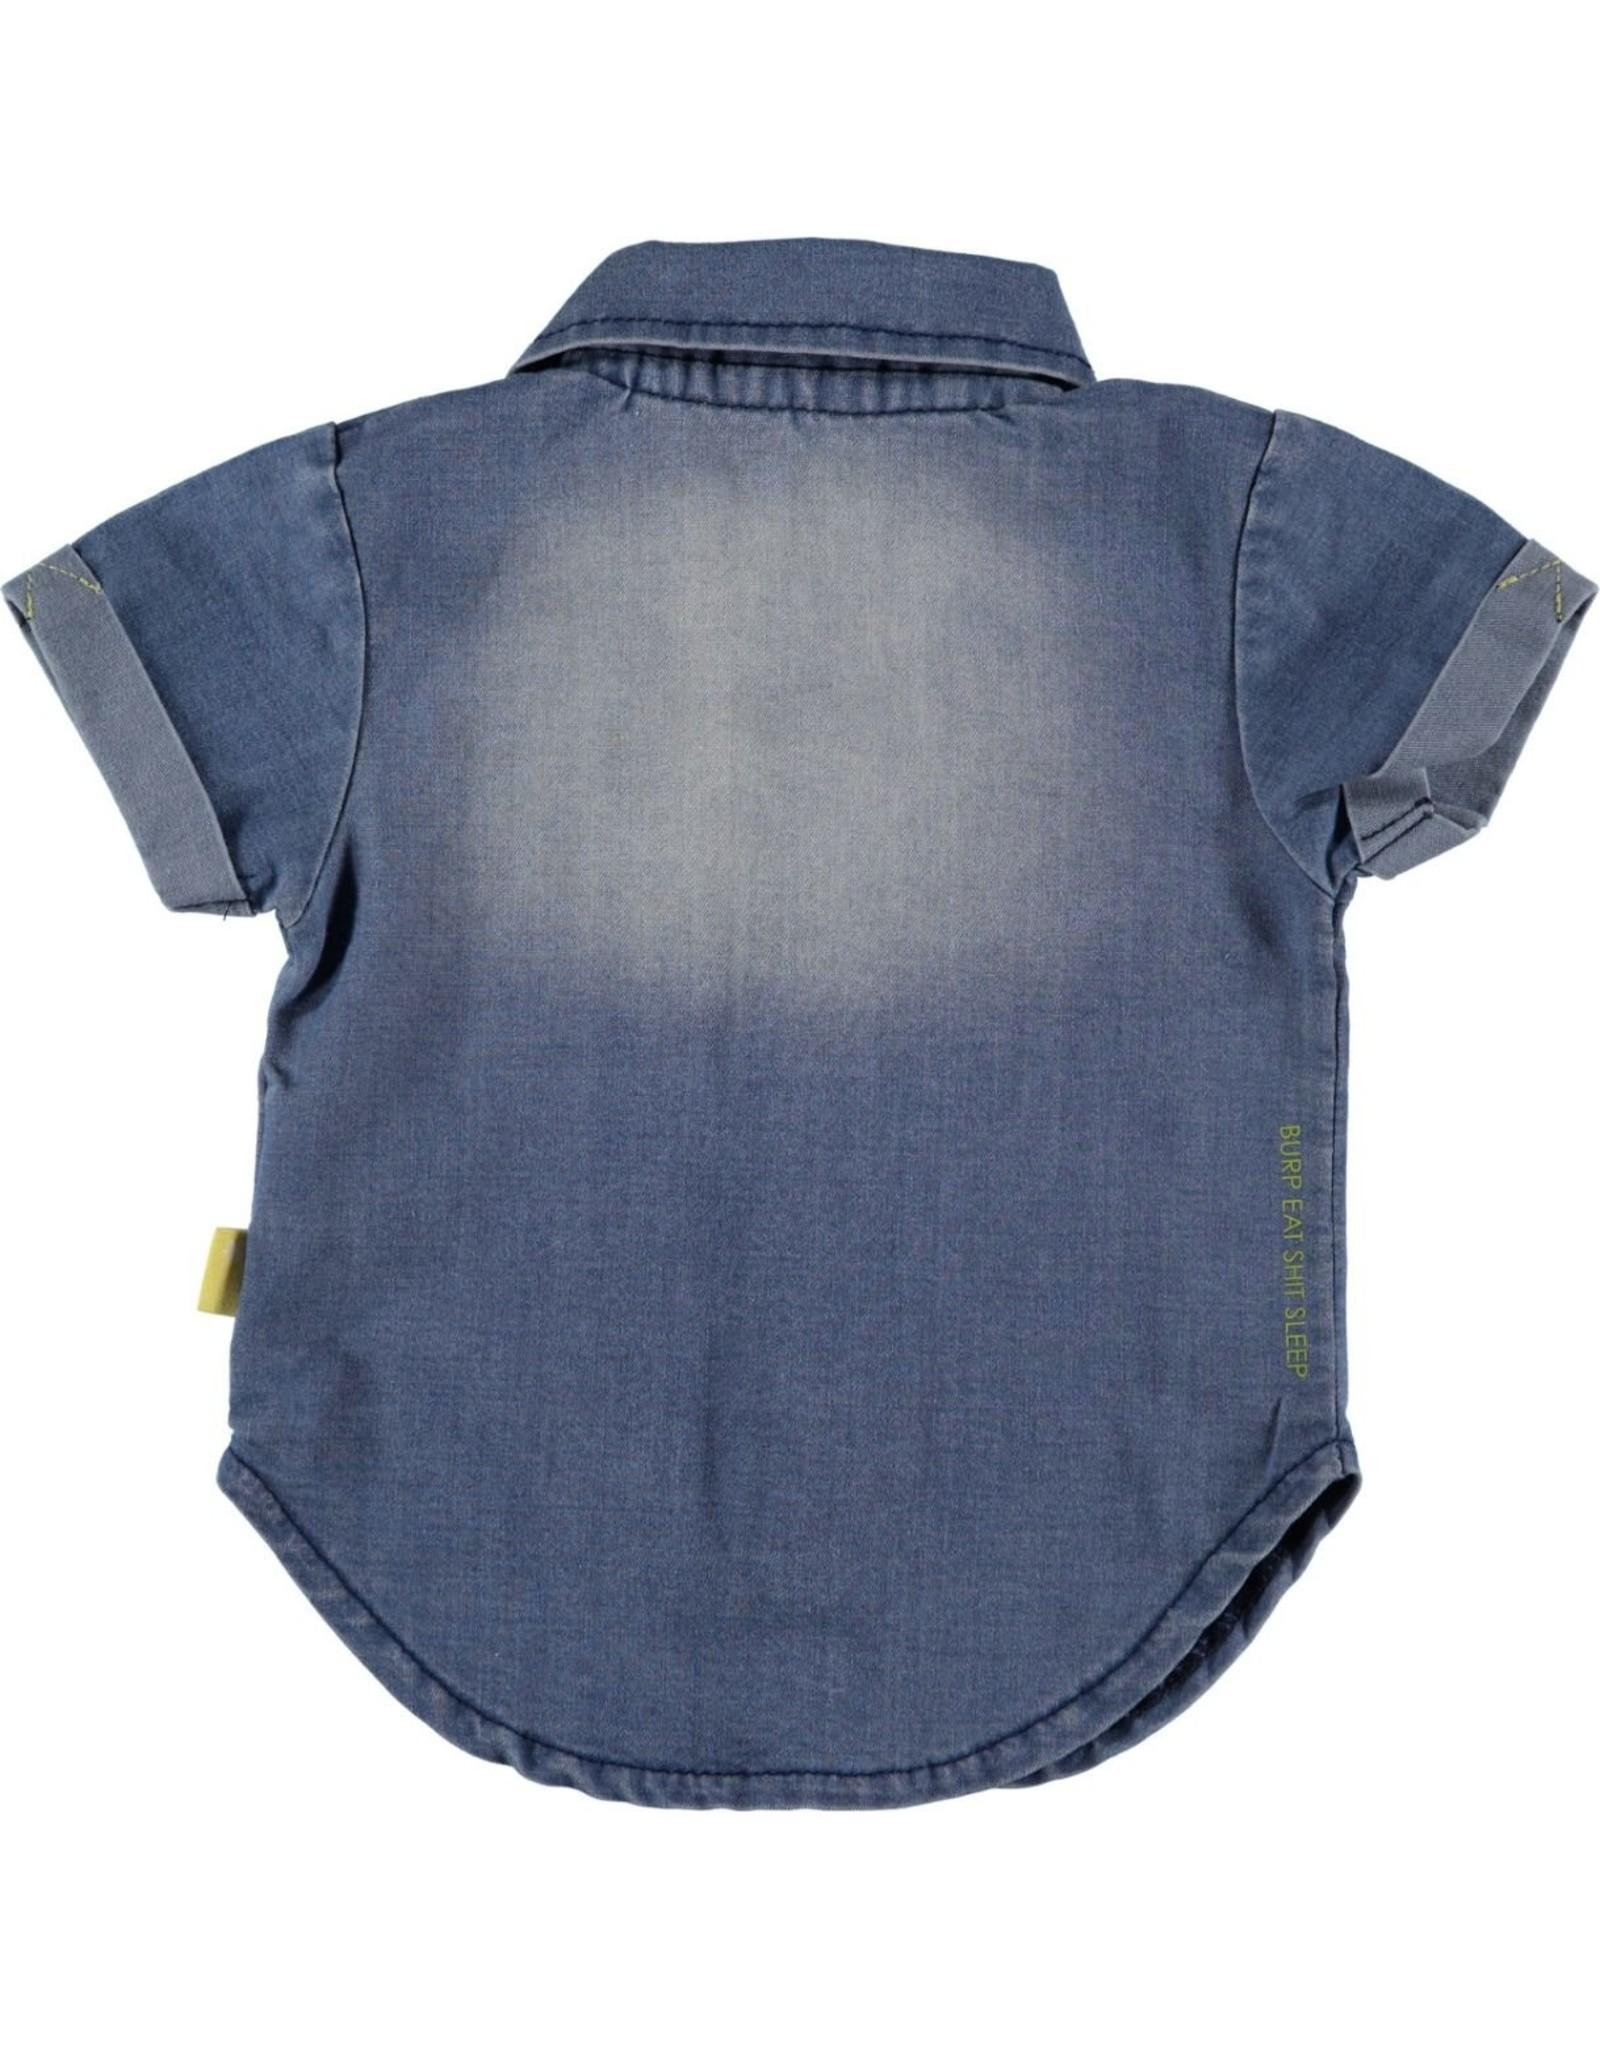 B*E*S*S 21058 blouse